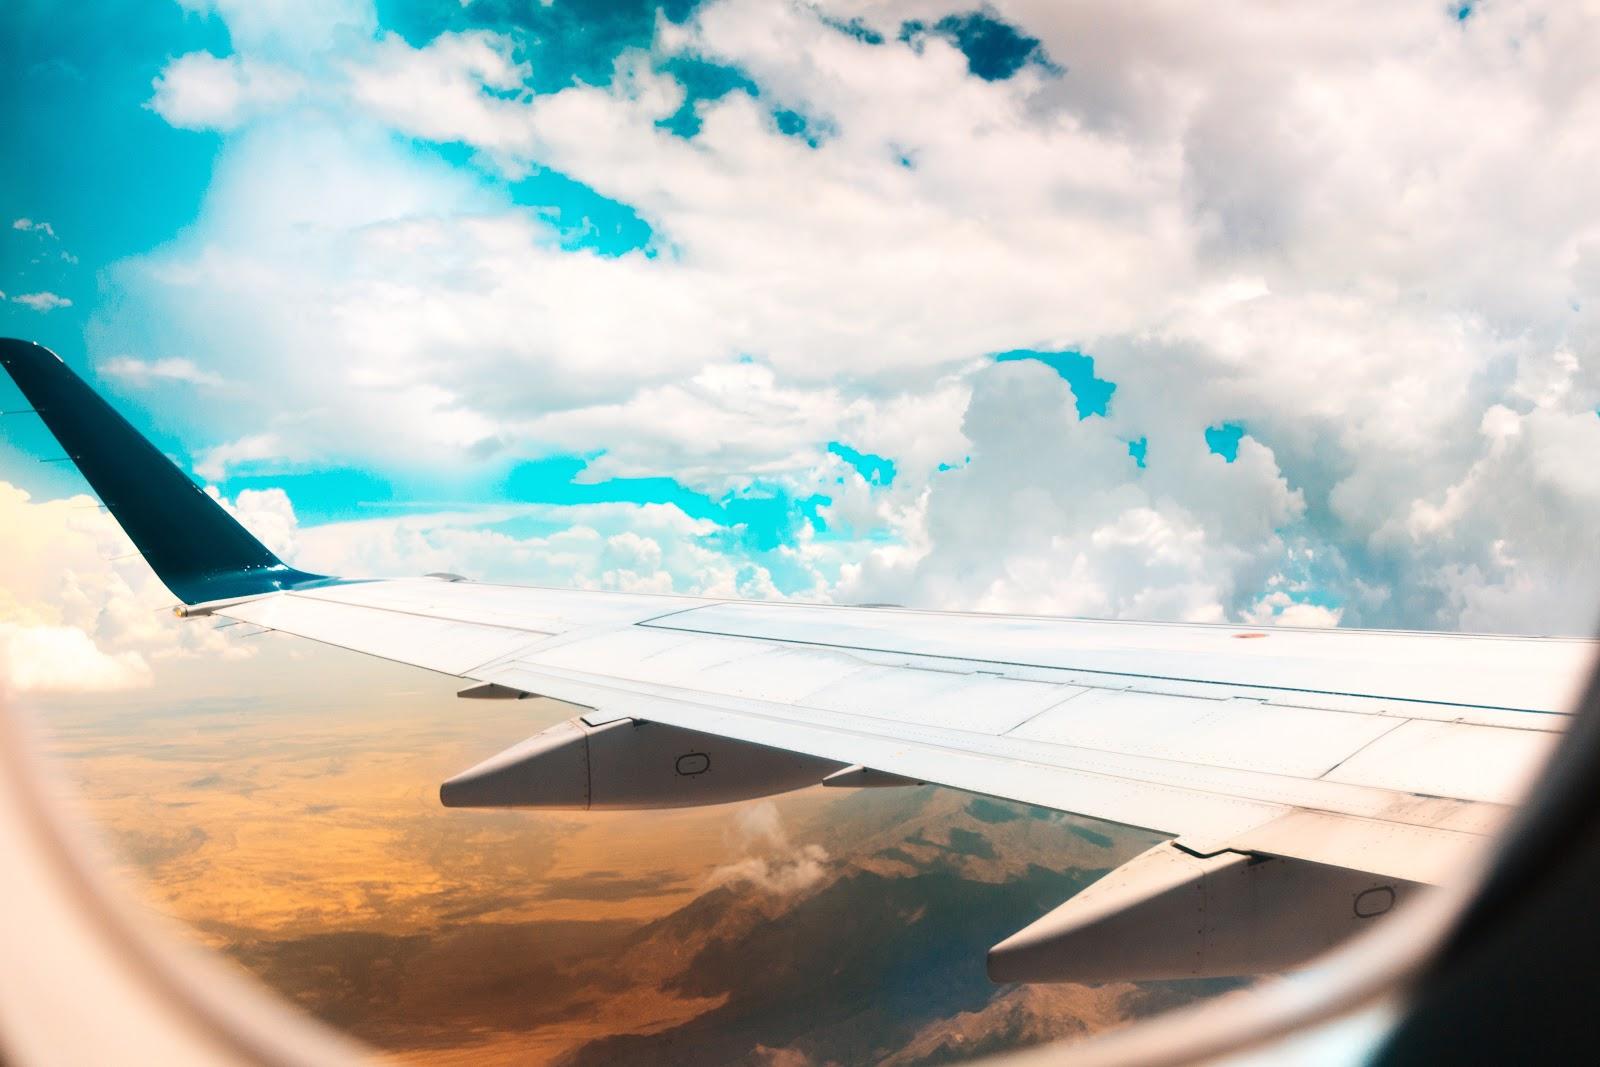 Mój pierwszy raz w samolocie RYANAIR - zdjęcia i rady dla początkujących